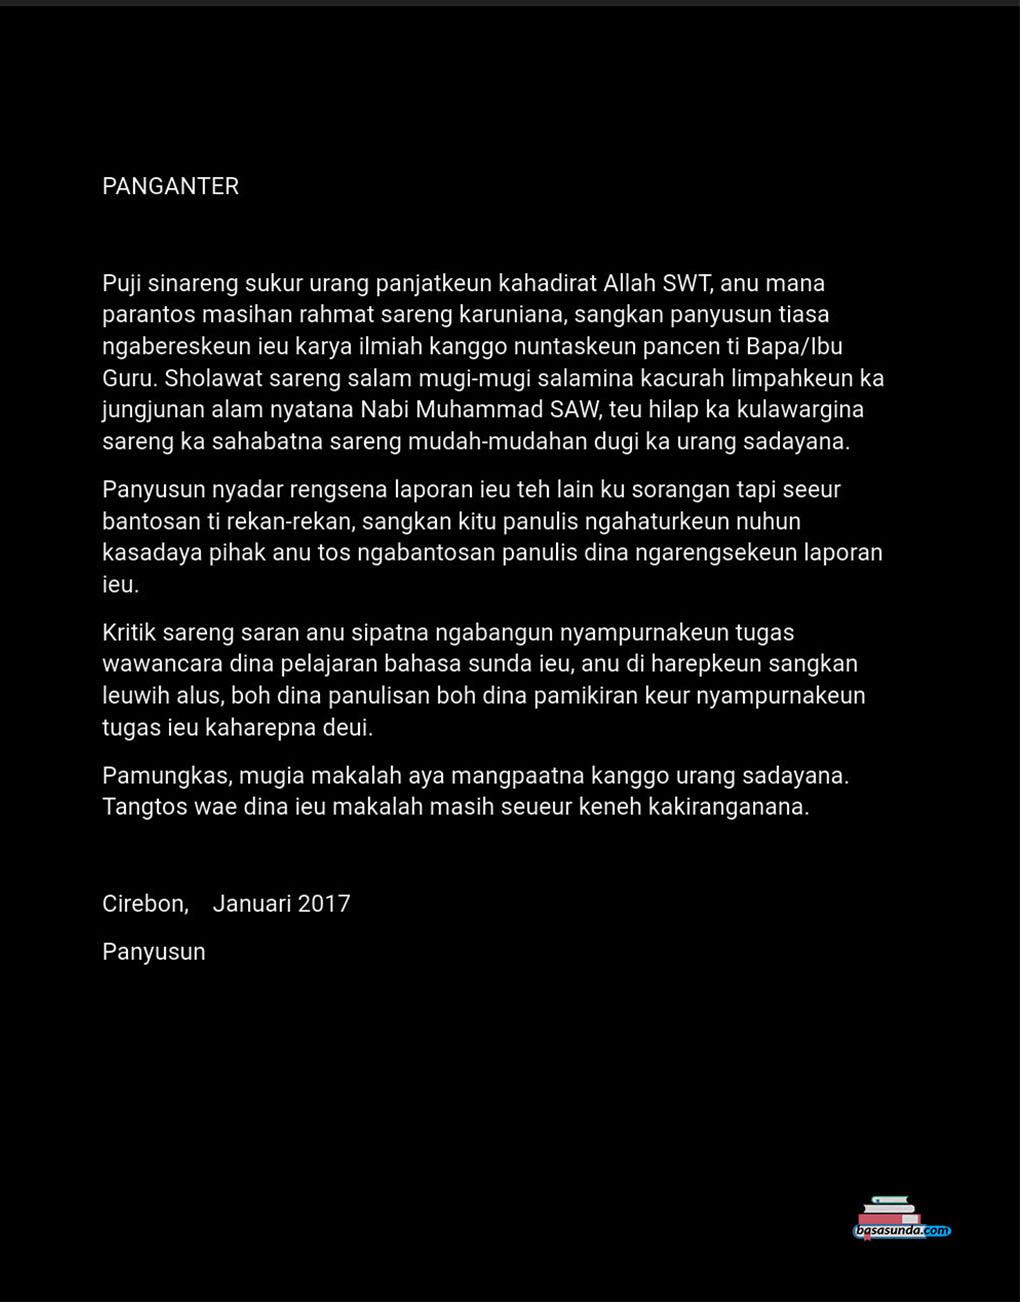 Contoh Gambar Susunan Makalah Hasil Wawancara Bahasa Sunda Basa Sunda